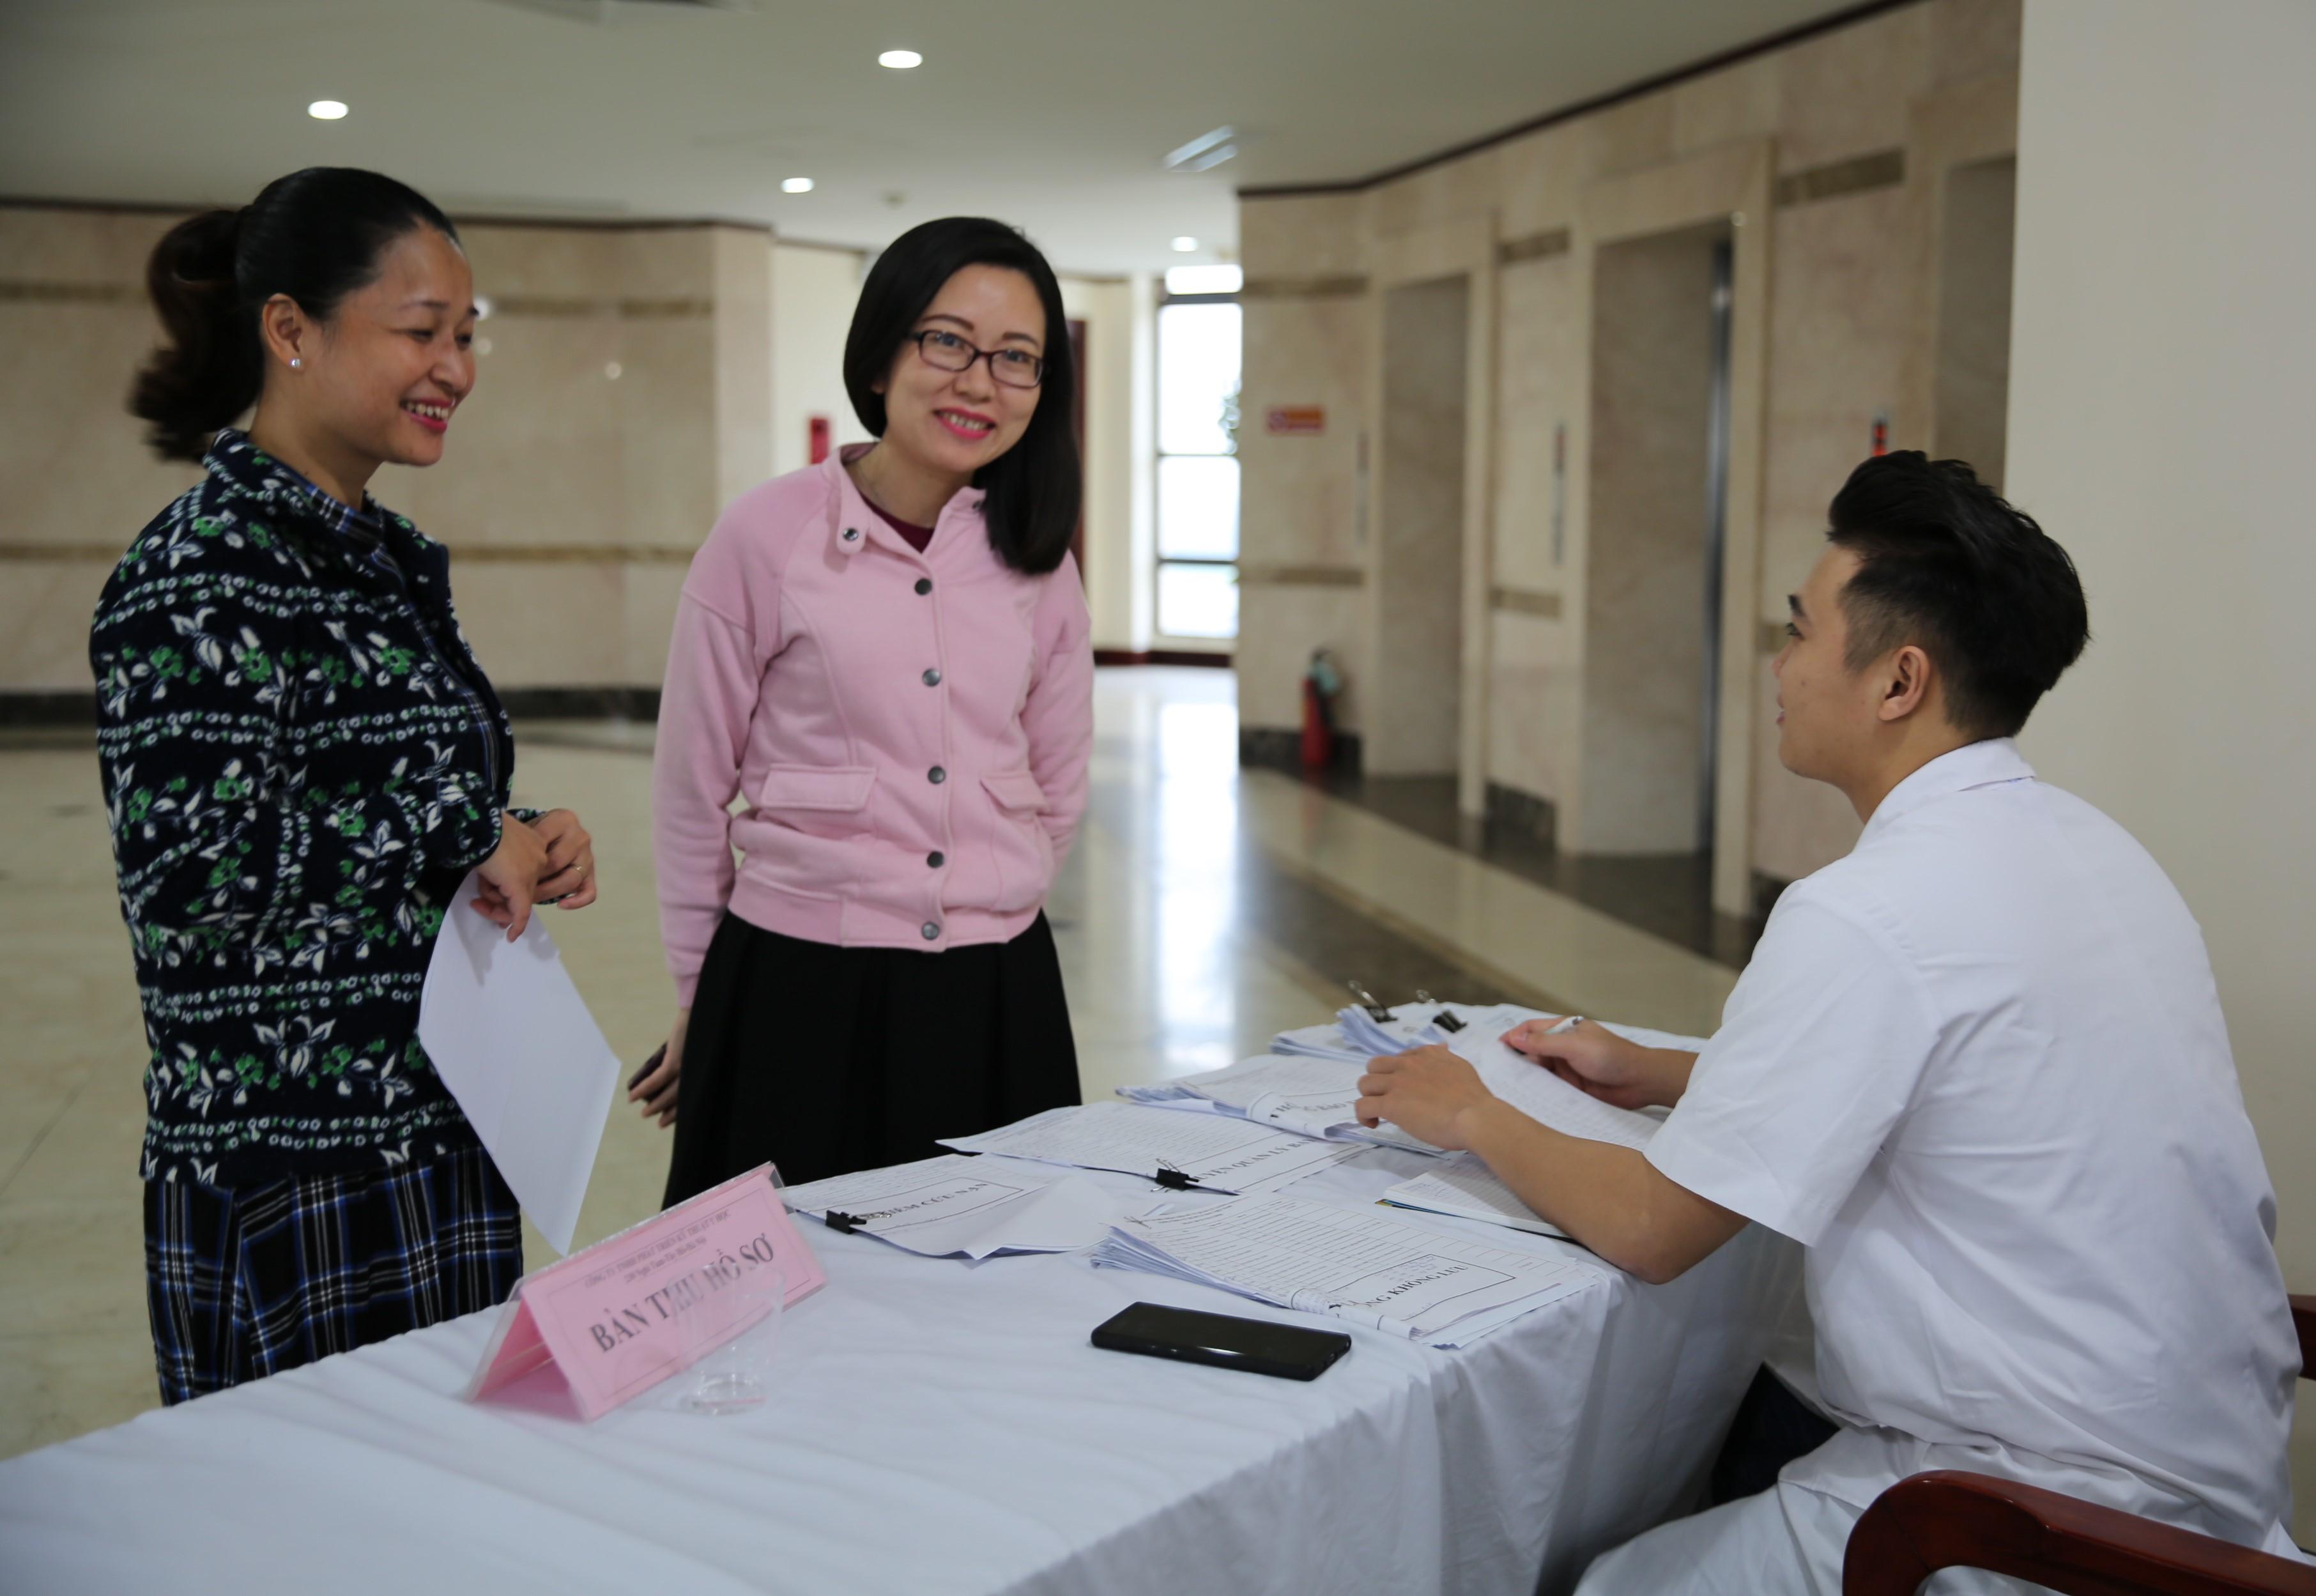 VATM: Tổ chức khám sức khỏe chuyên khoa nữ cho CNLĐ khu vực phía Bắc